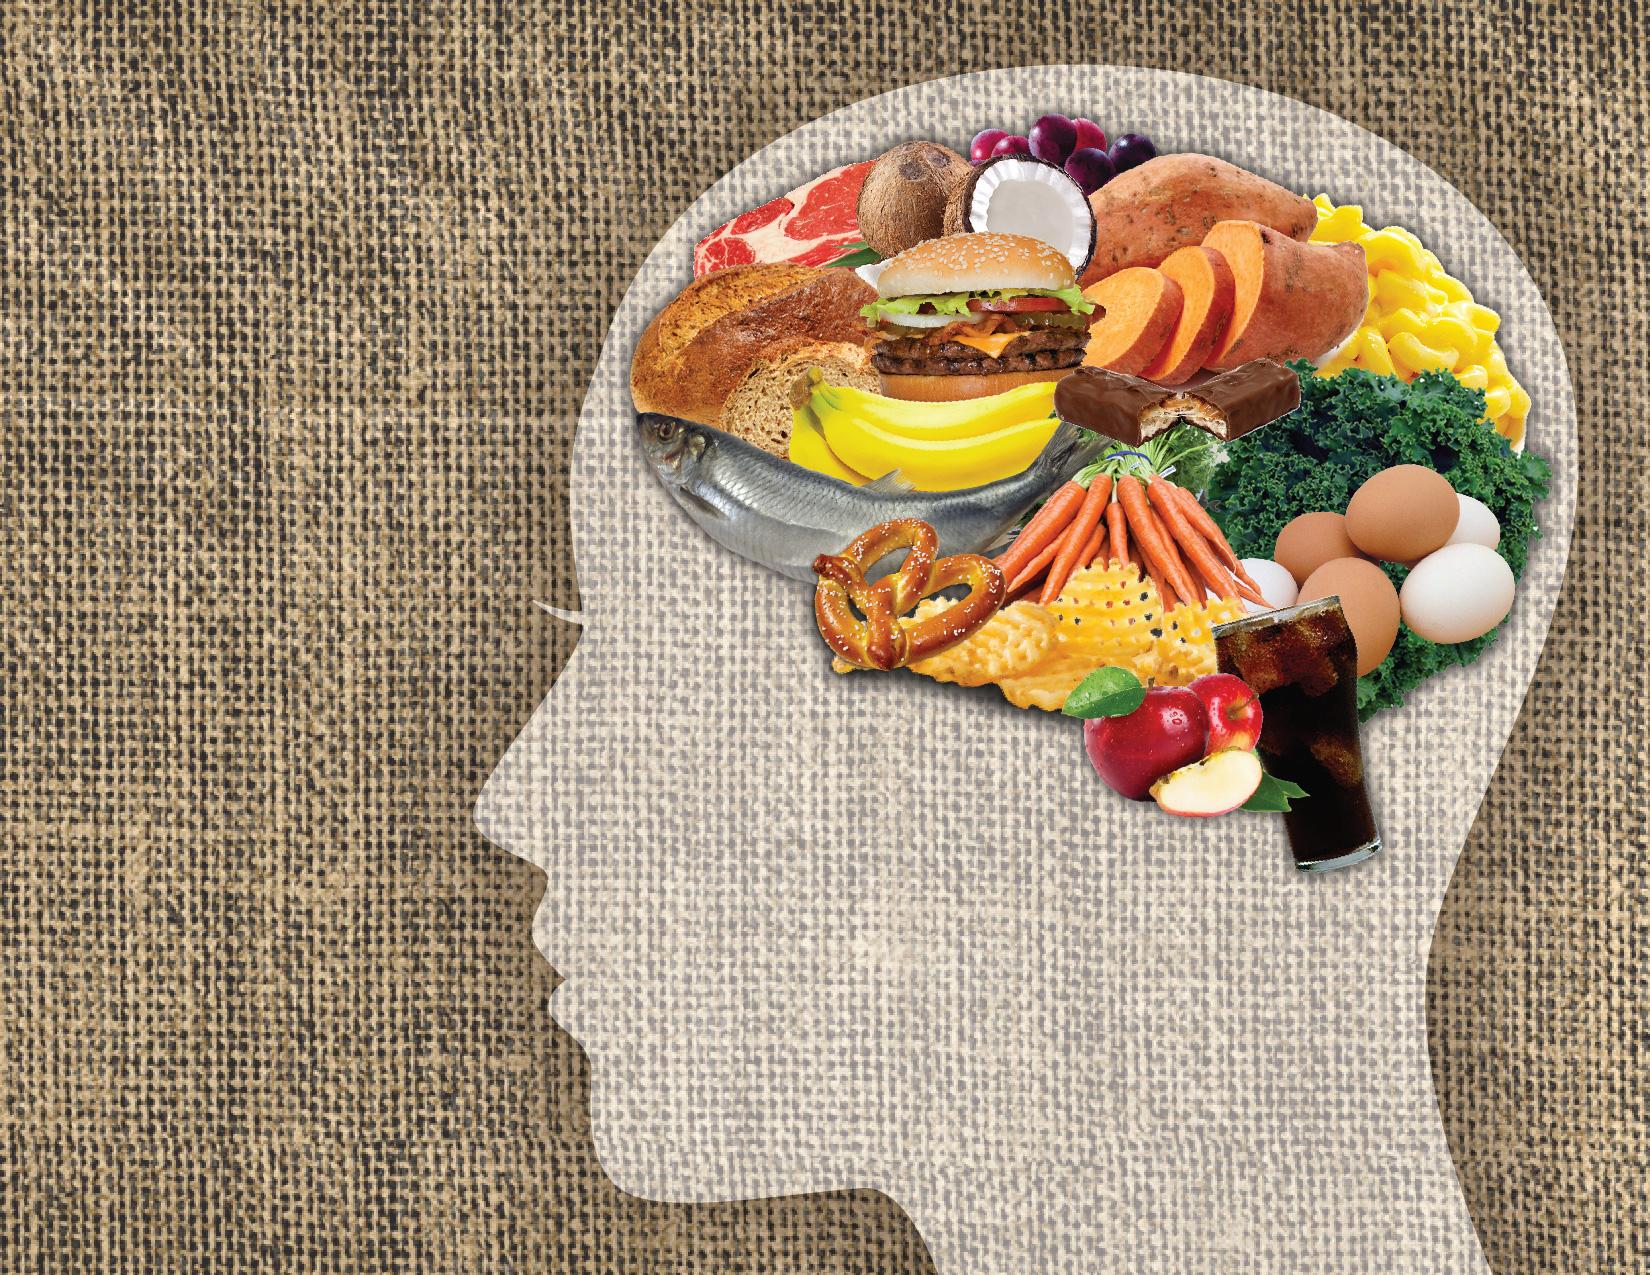 أطعمة تقوي الذاكرة و تساعد على التركيز